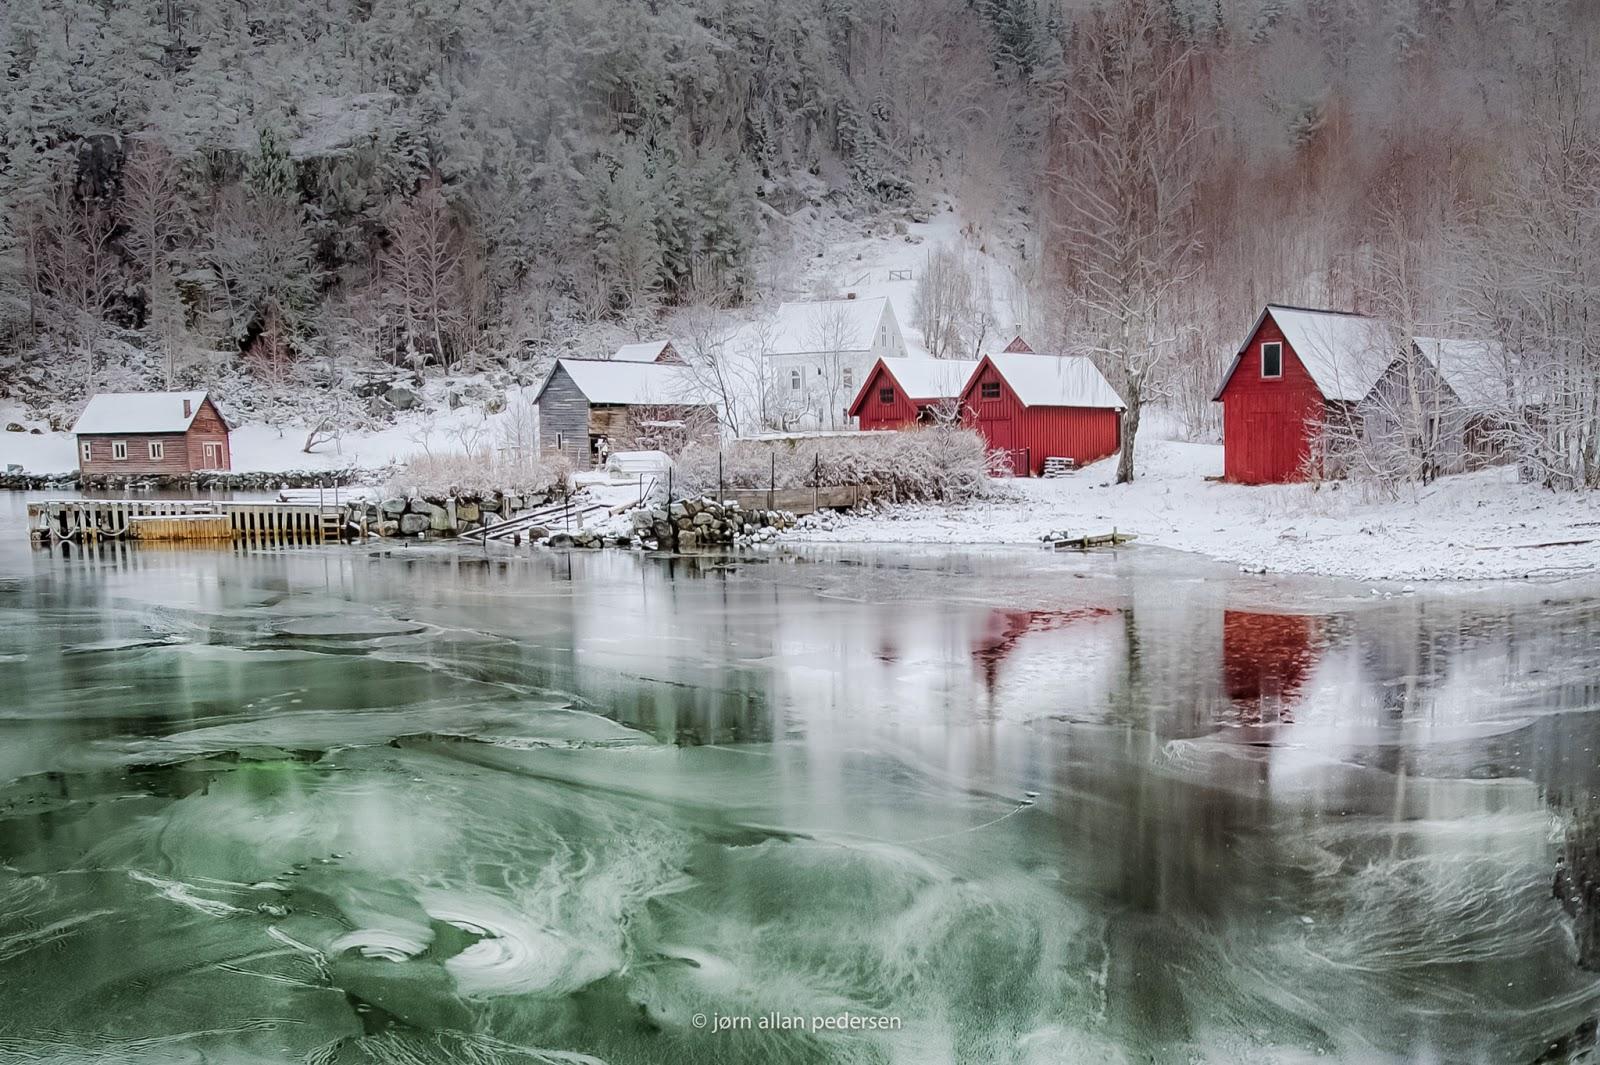 Winter Photography by Jørn Allan Pedersen